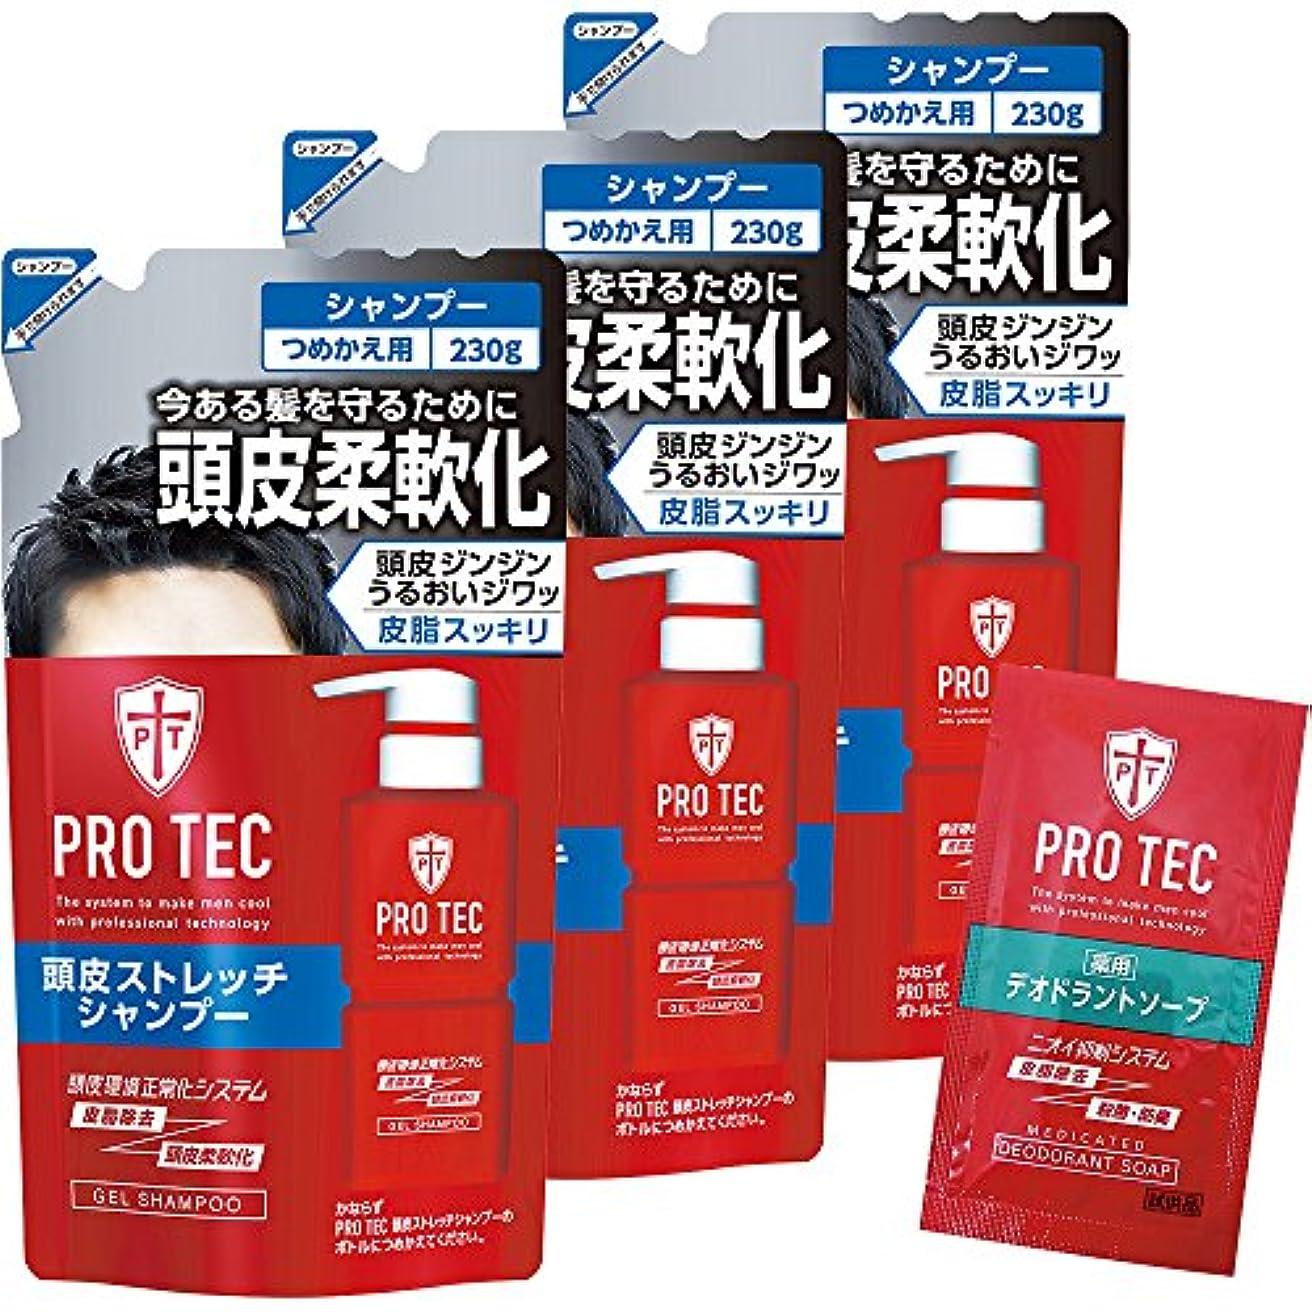 書く賢明な困った【Amazon.co.jp限定】PRO TEC(プロテク) 頭皮ストレッチ シャンプー 詰め替え 230g×3個パック+デオドラントソープ1回分付(医薬部外品)